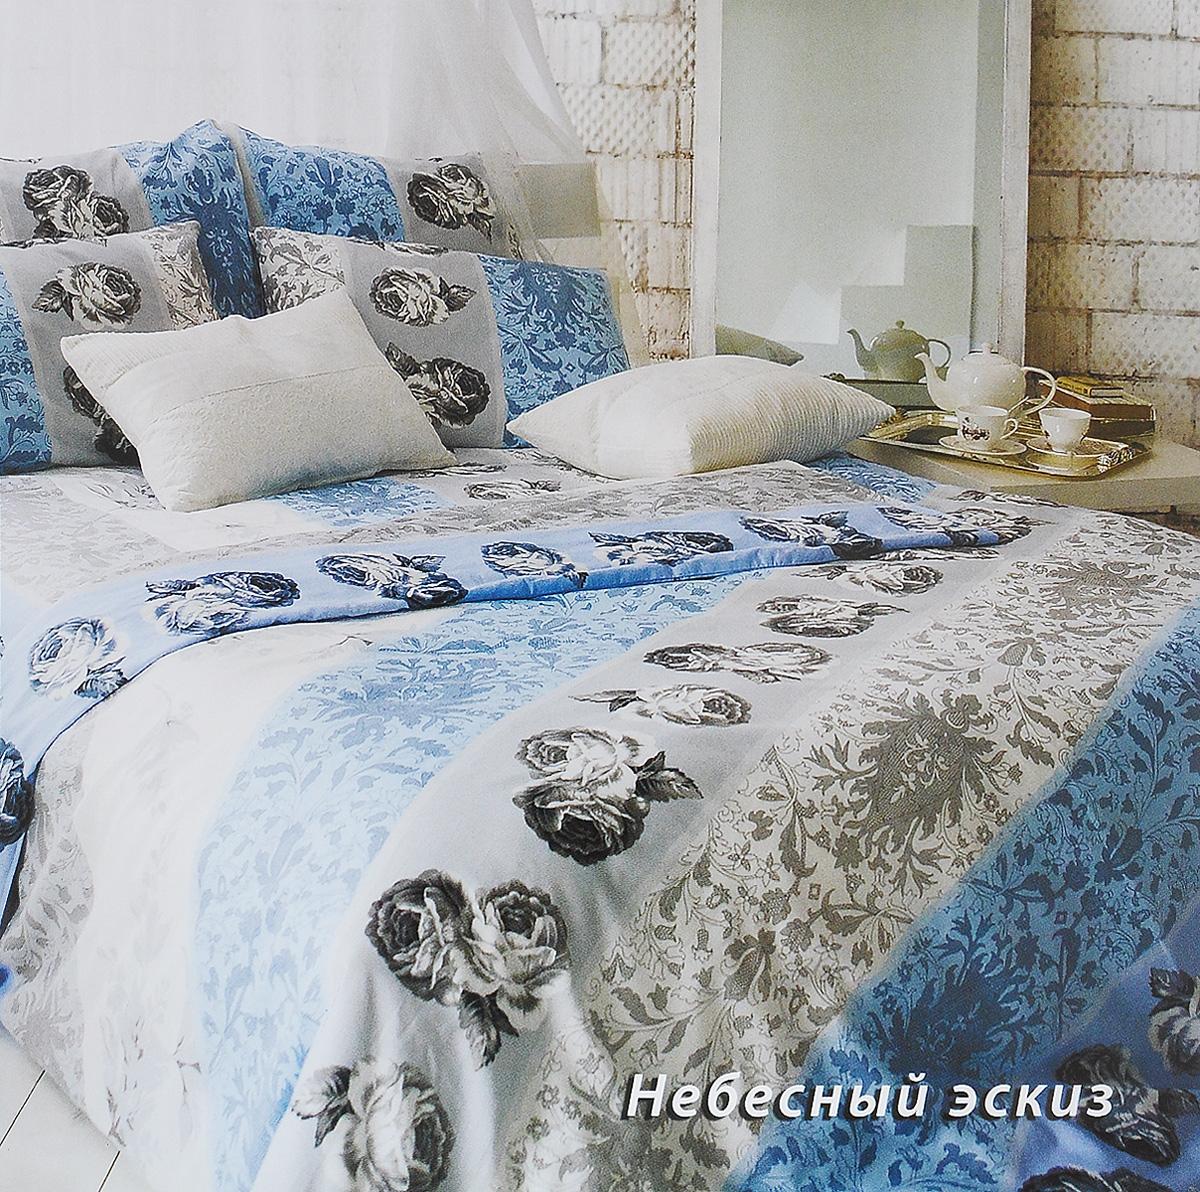 Комплект белья Tiffany's Secret Небесный эскиз, евро, наволочки 50х70, цвет: голубой, белый, серый комплект постельного белья tiffany s secret евро сатин небесный эскиз